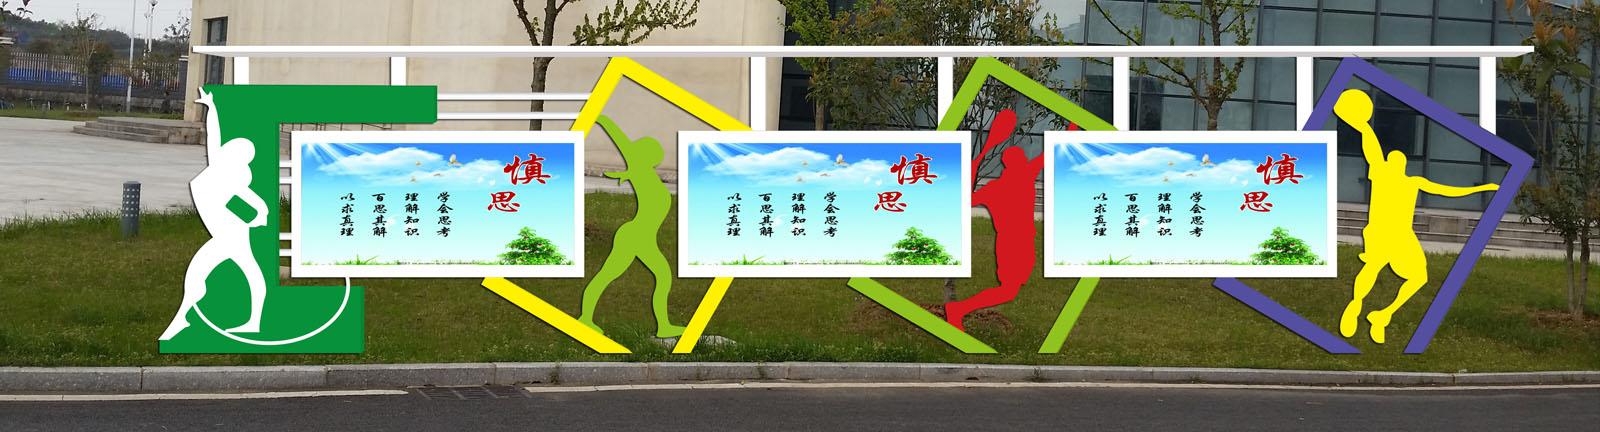 天津公交候车亭